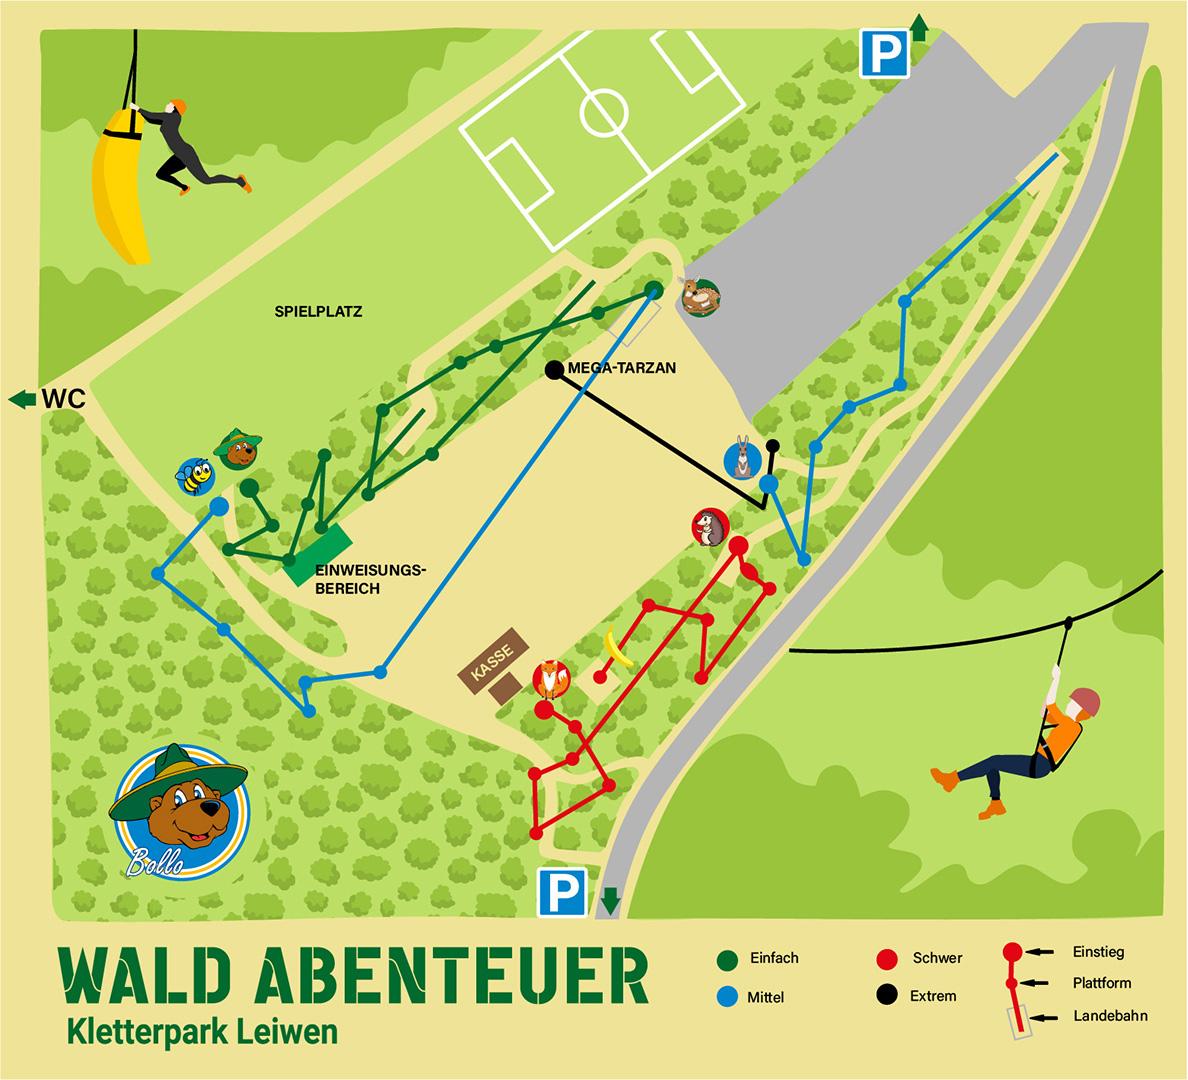 Wald-Abenteuer Parkplan Leiwen